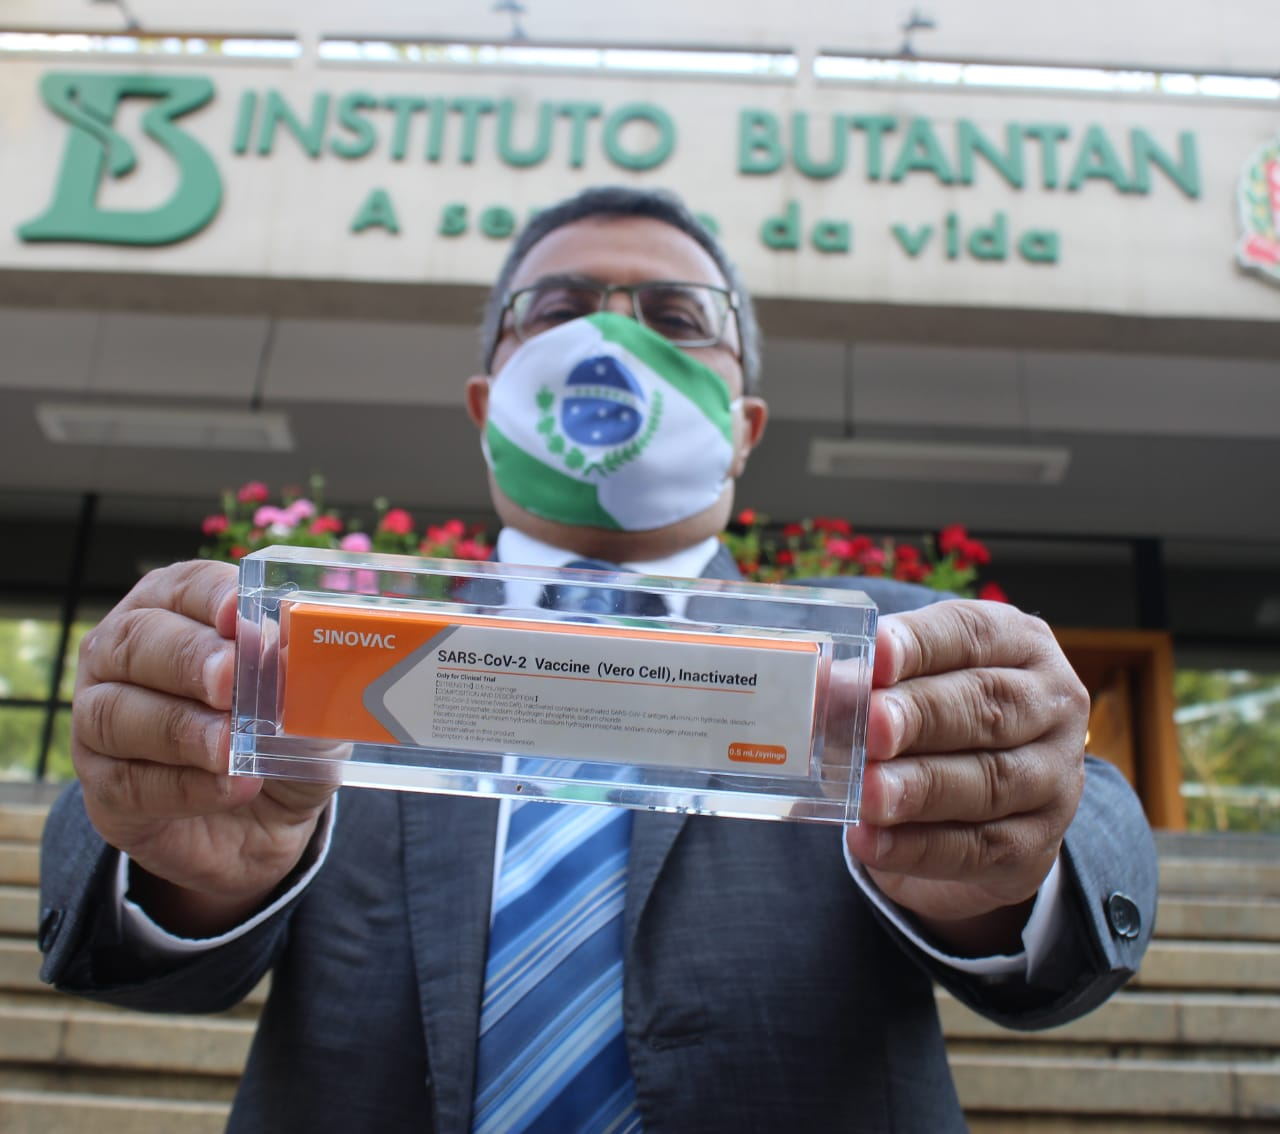 #VemVacina: virando o jogo contra o coronavírus